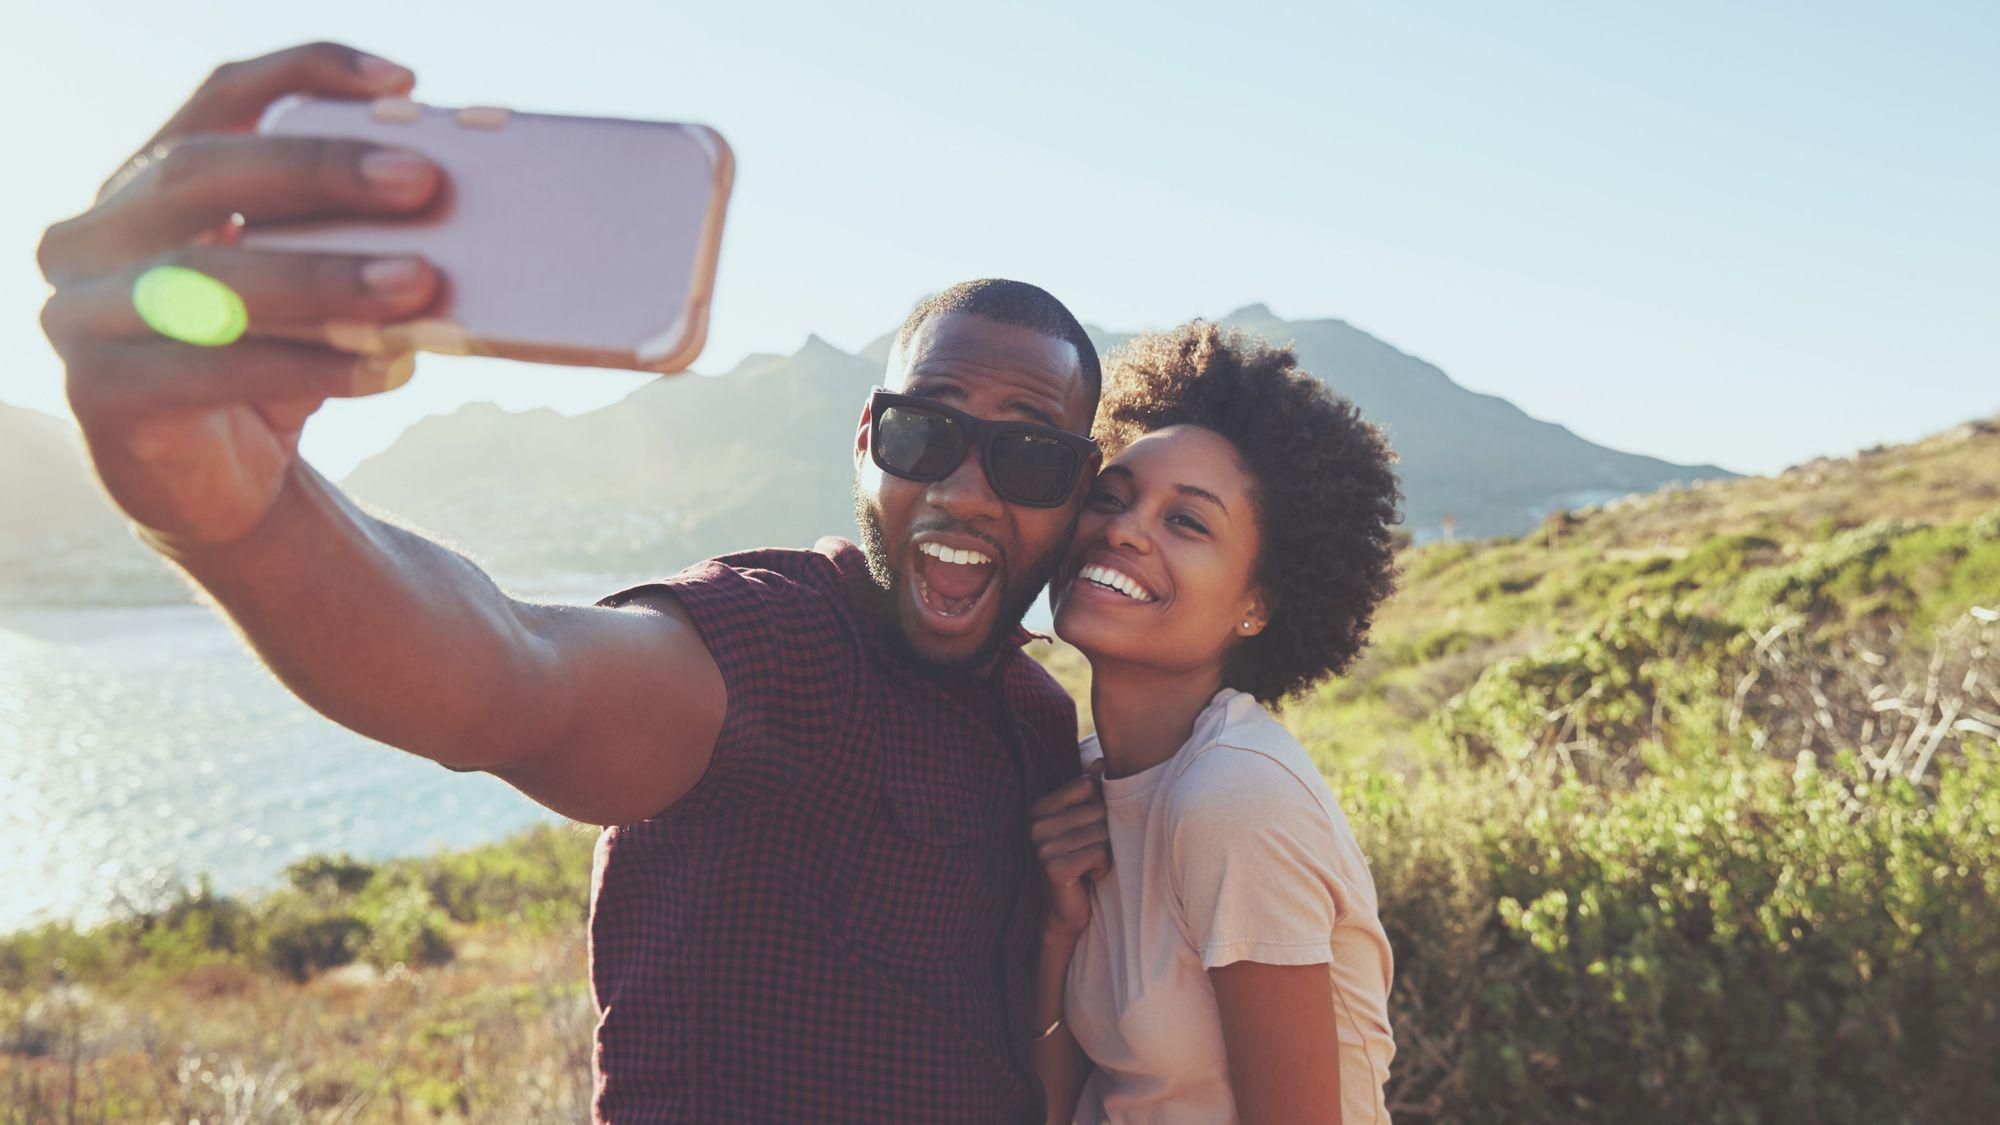 Couple_Taking_Selfie  3